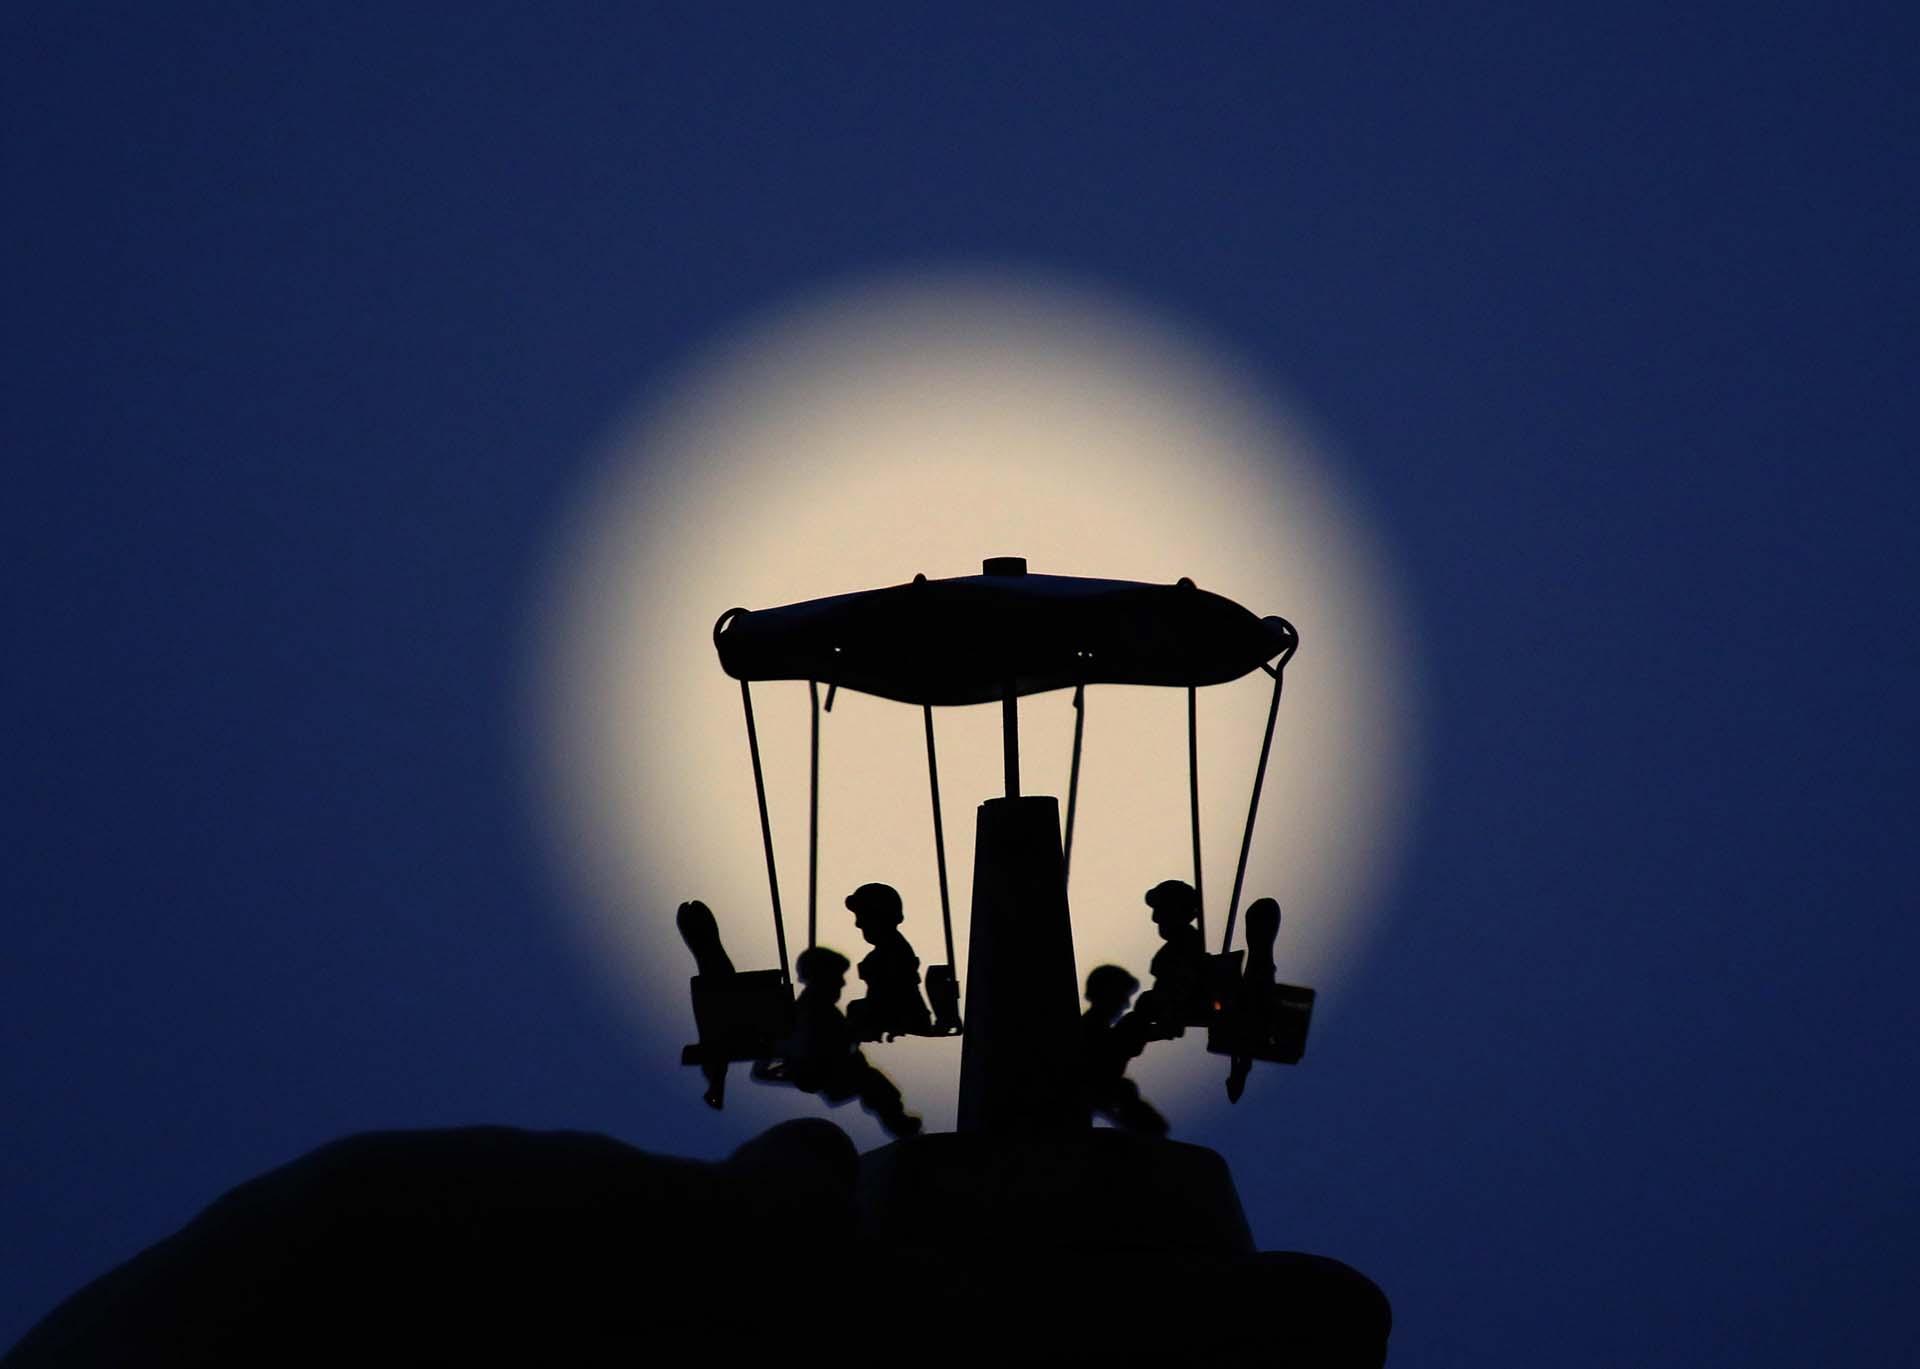 Una luna llena frente a un carrusel en Nicosia, Chipre(EFE/EPA/KATIA CHRISTODOULOU)